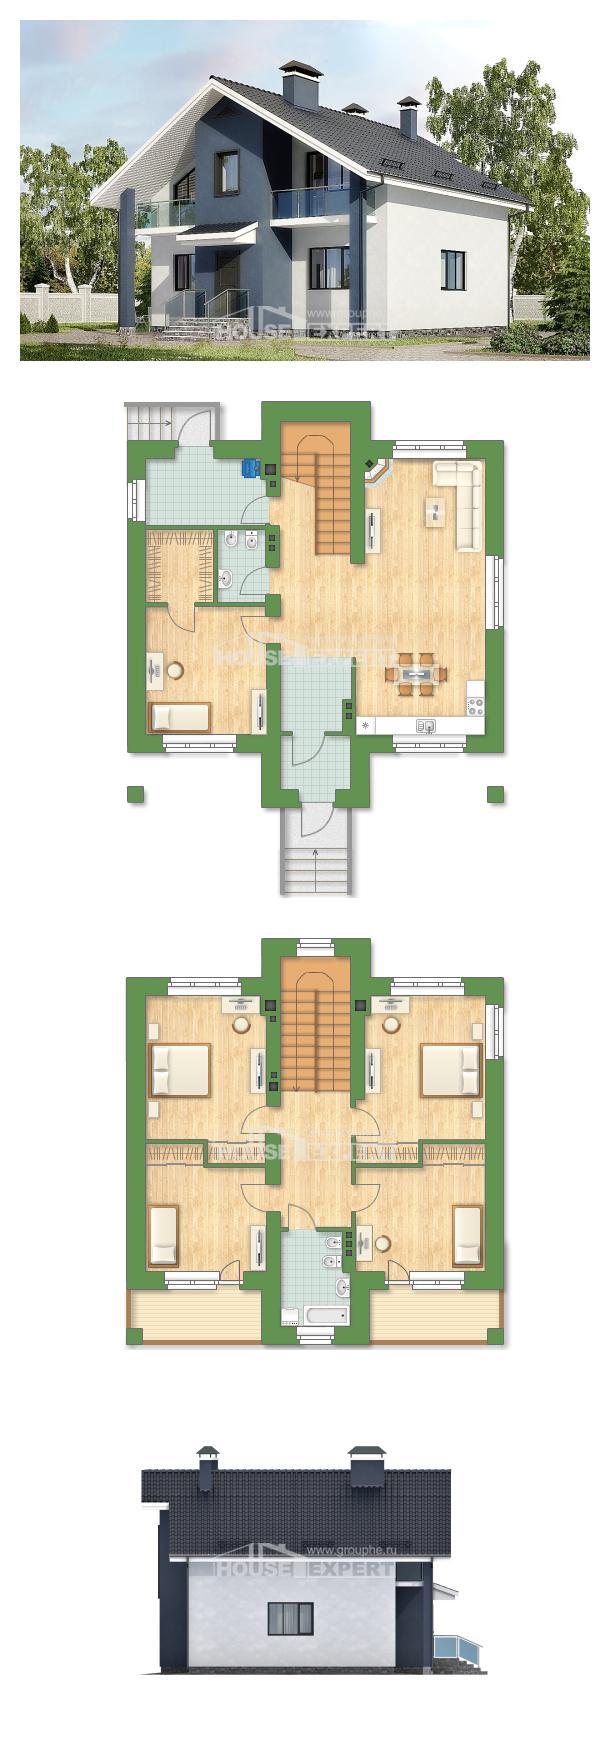 Проект дома 150-005-П | House Expert